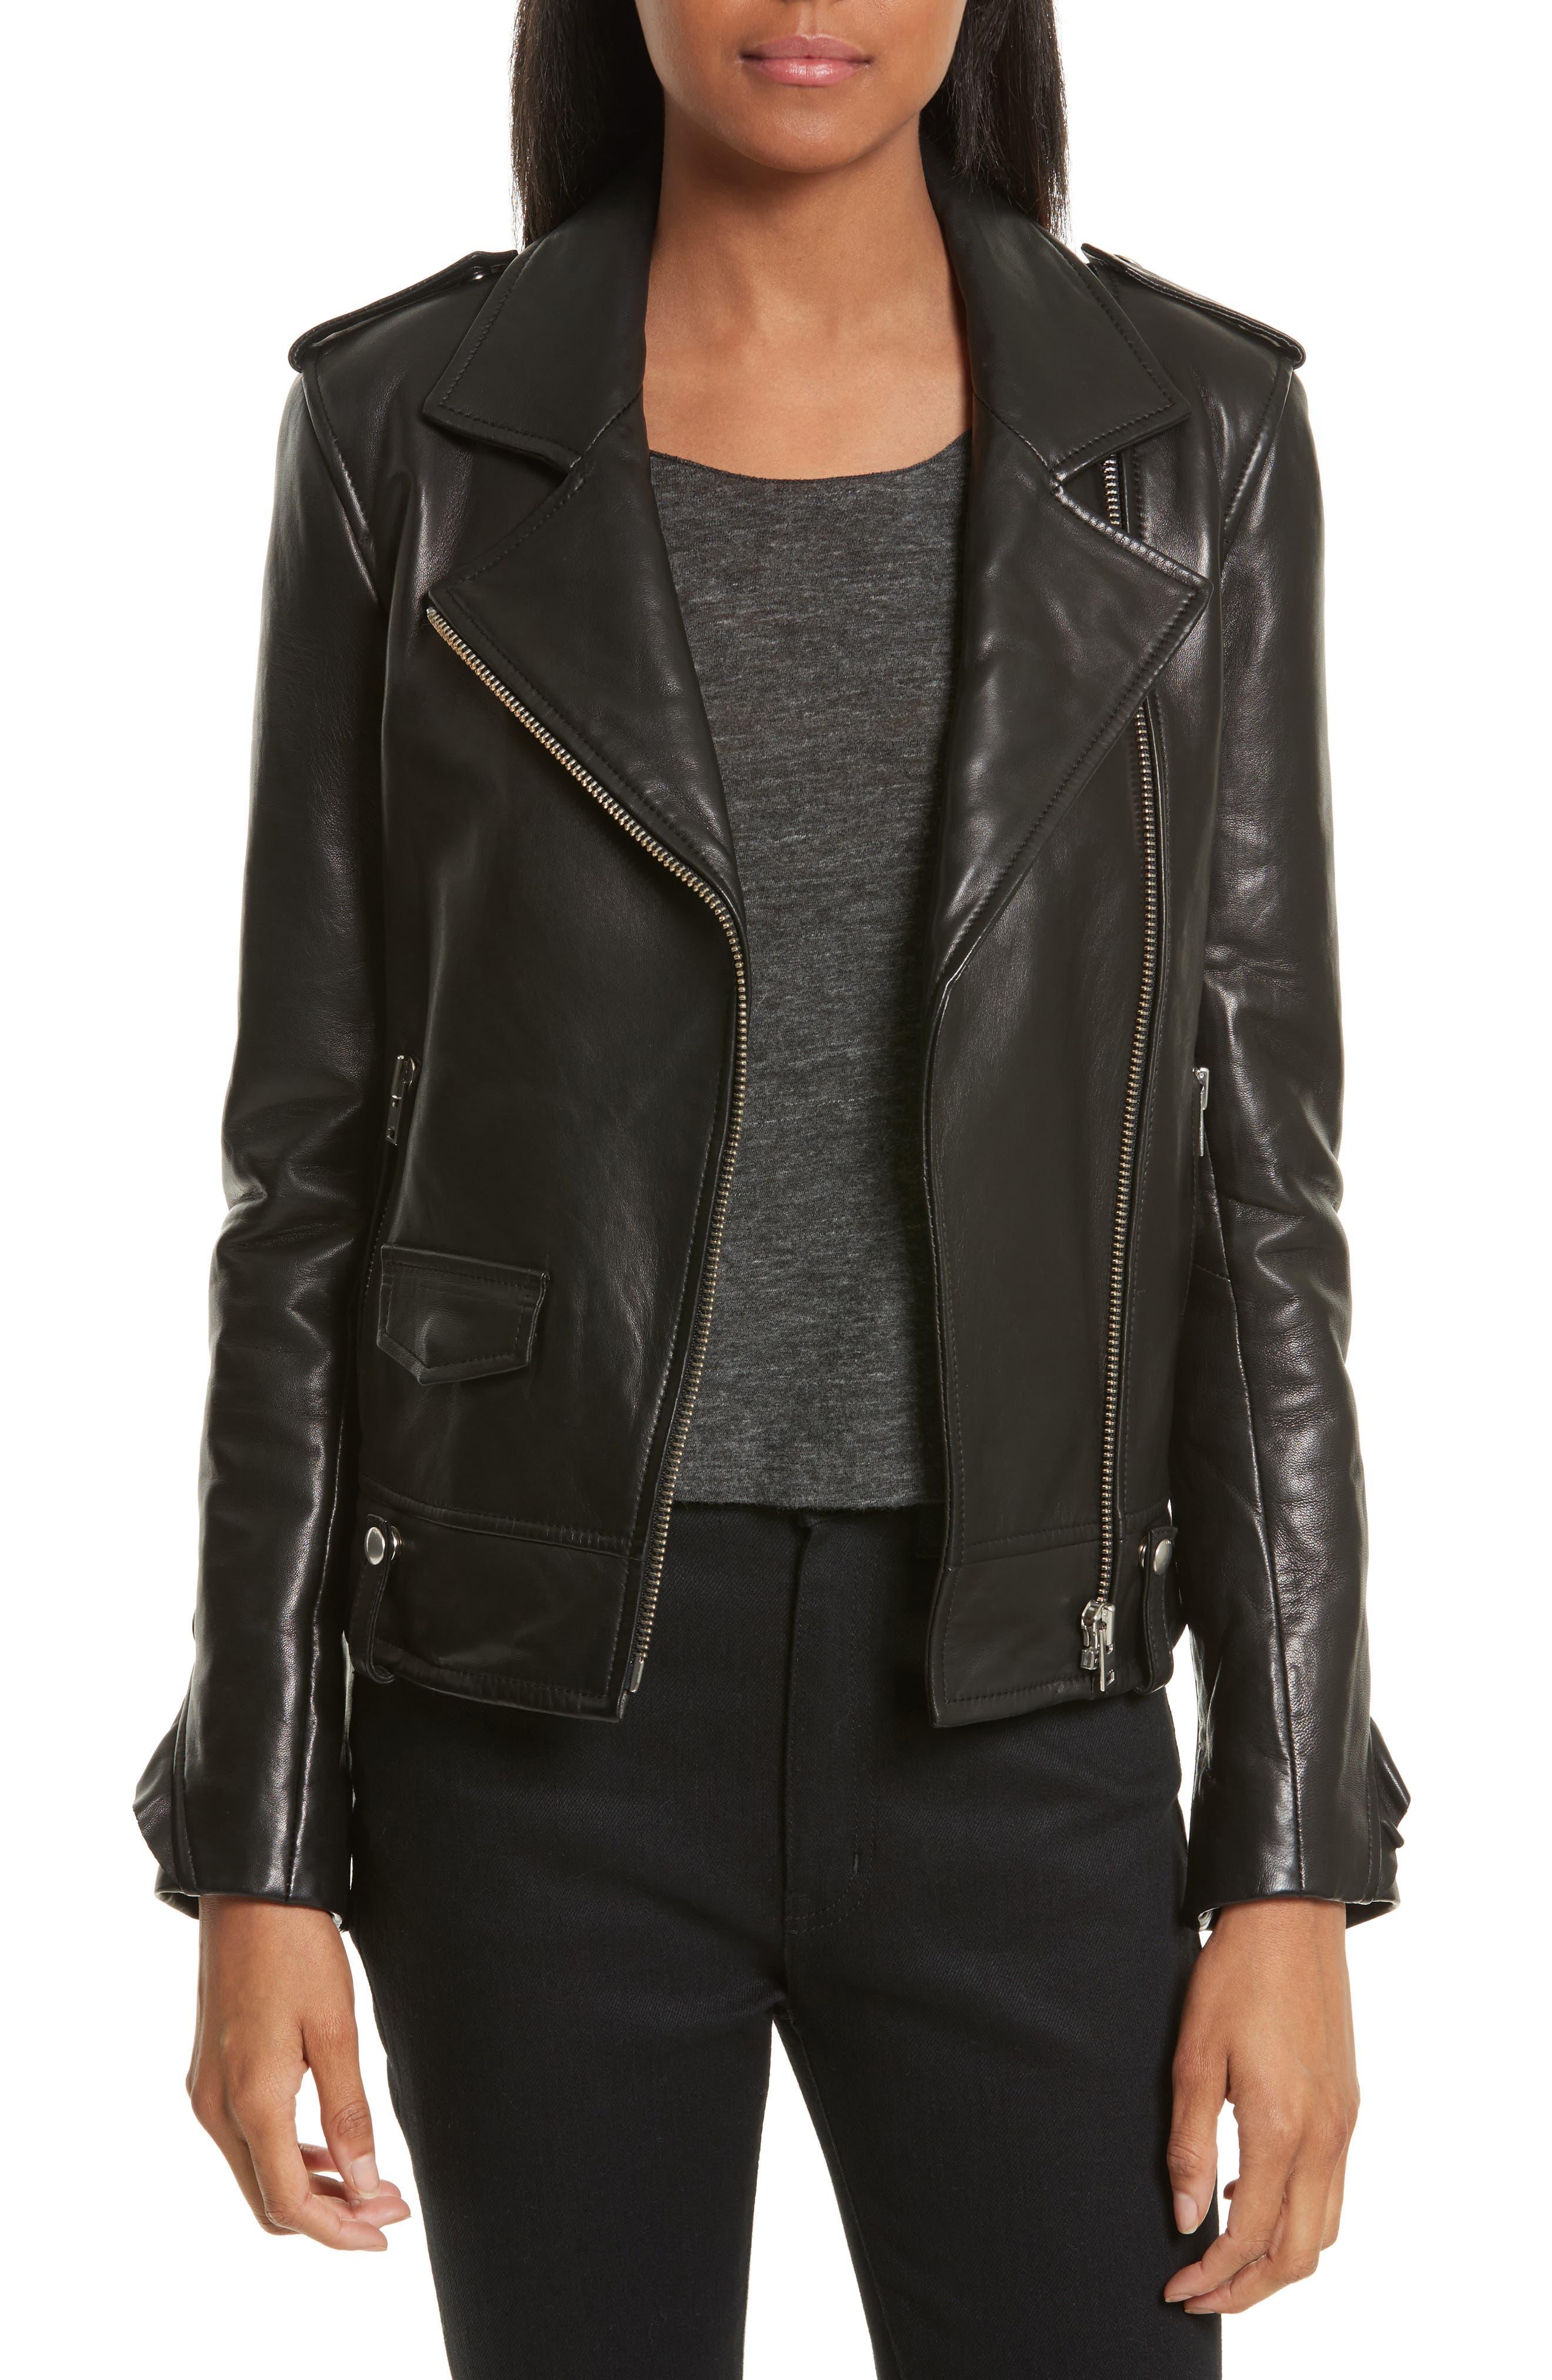 Dumont Leather Jacket,                             Main thumbnail 1, color,                             Black